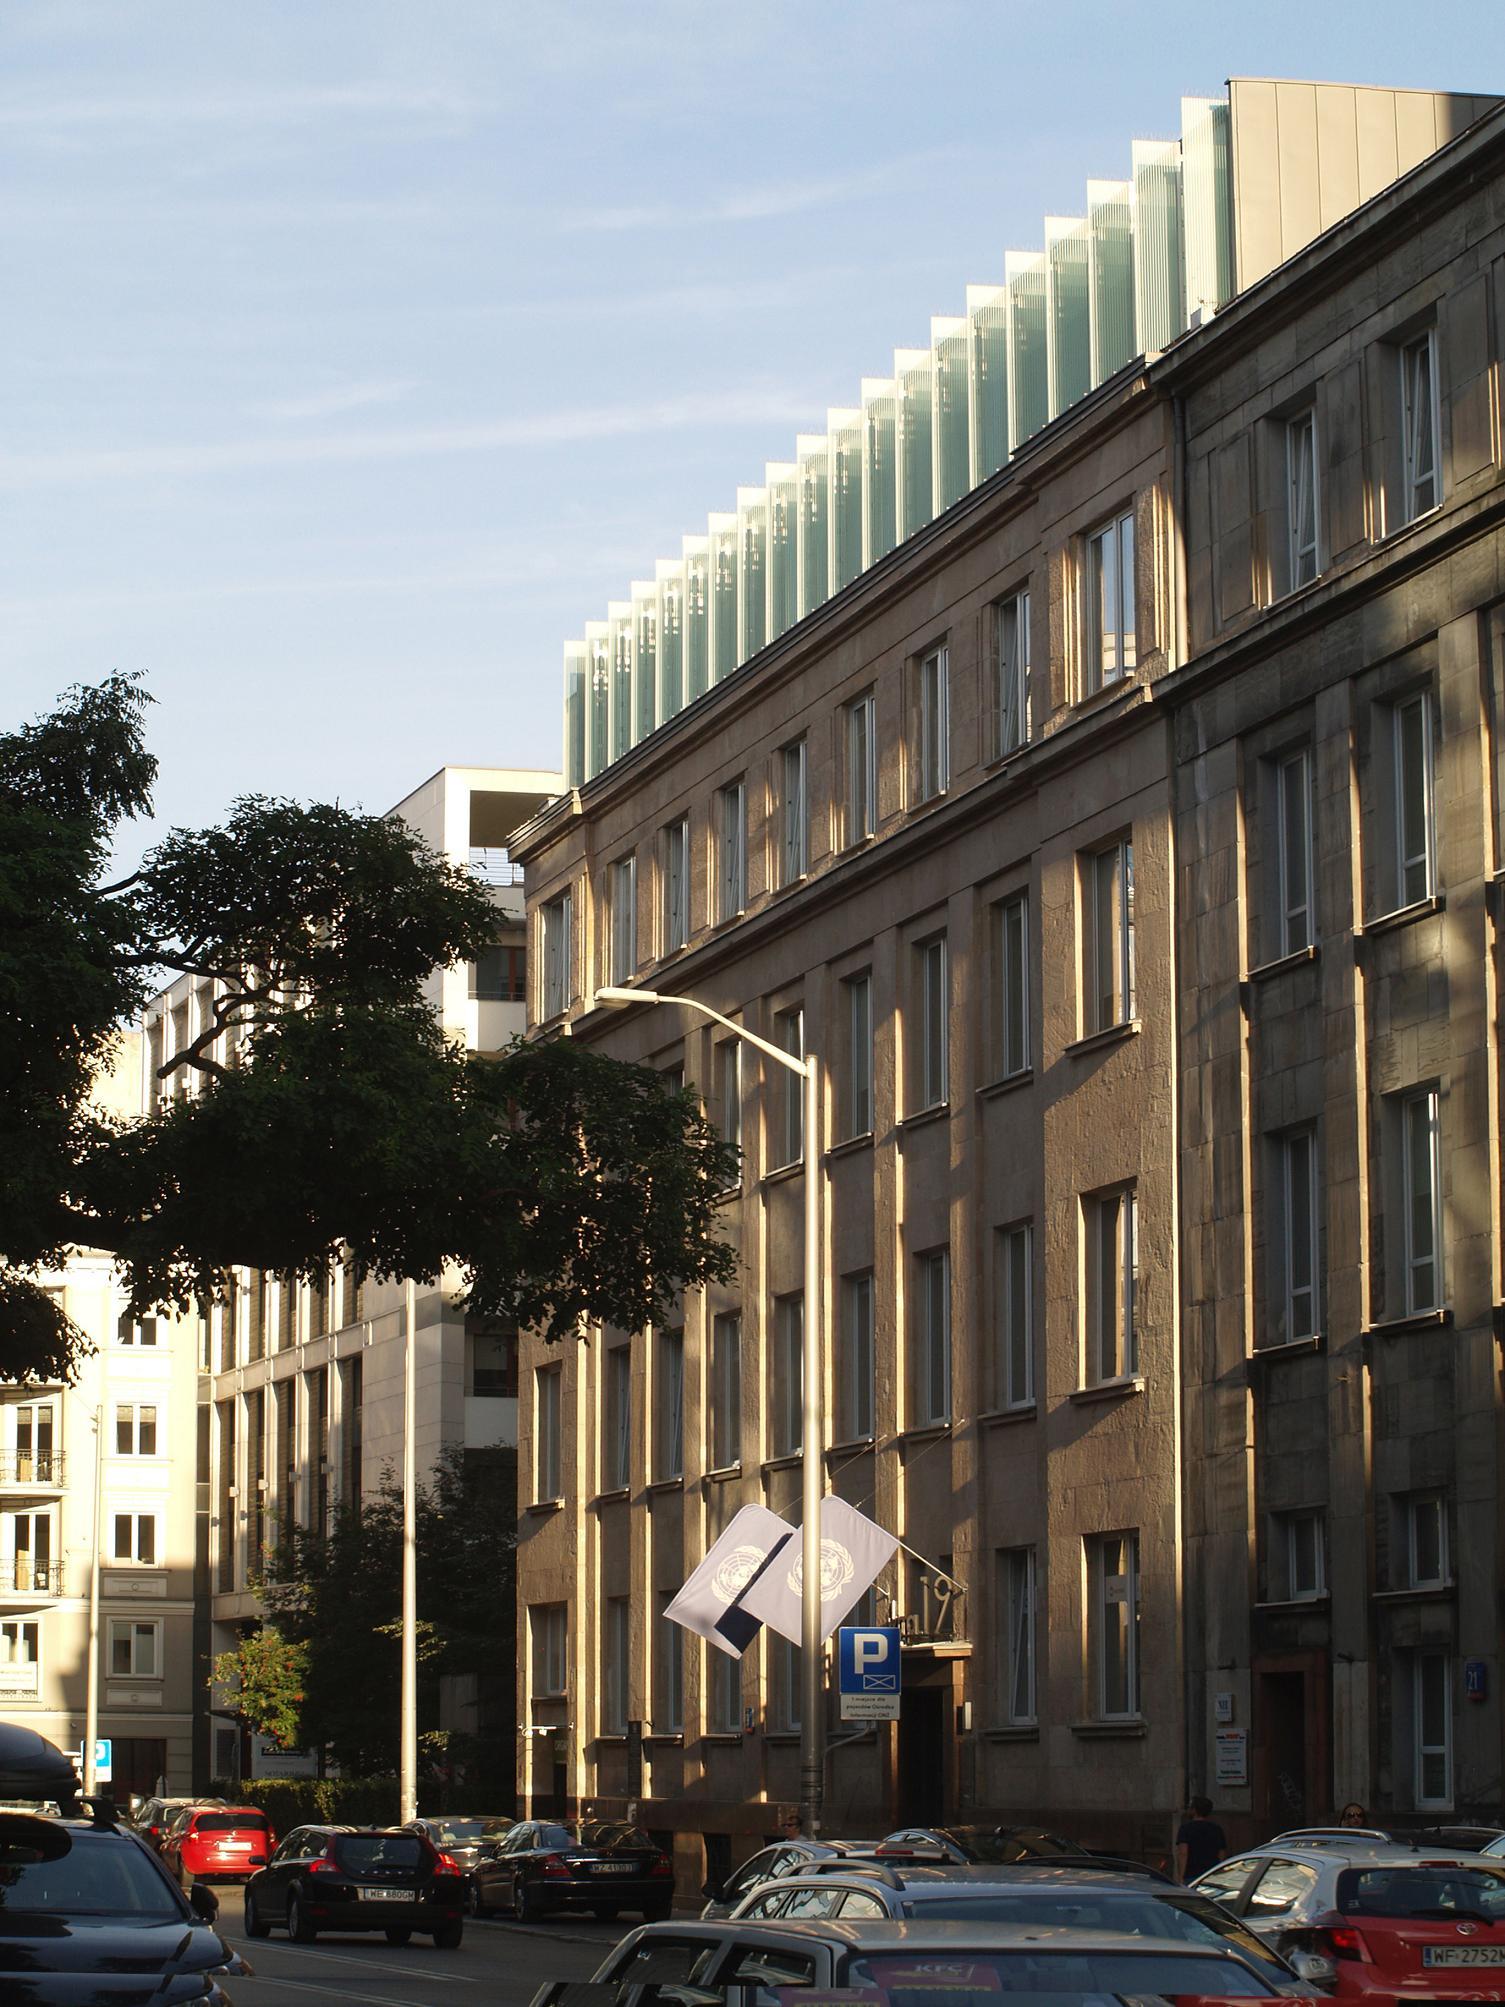 Biurowiec przy Pieknej19 w Warszawie